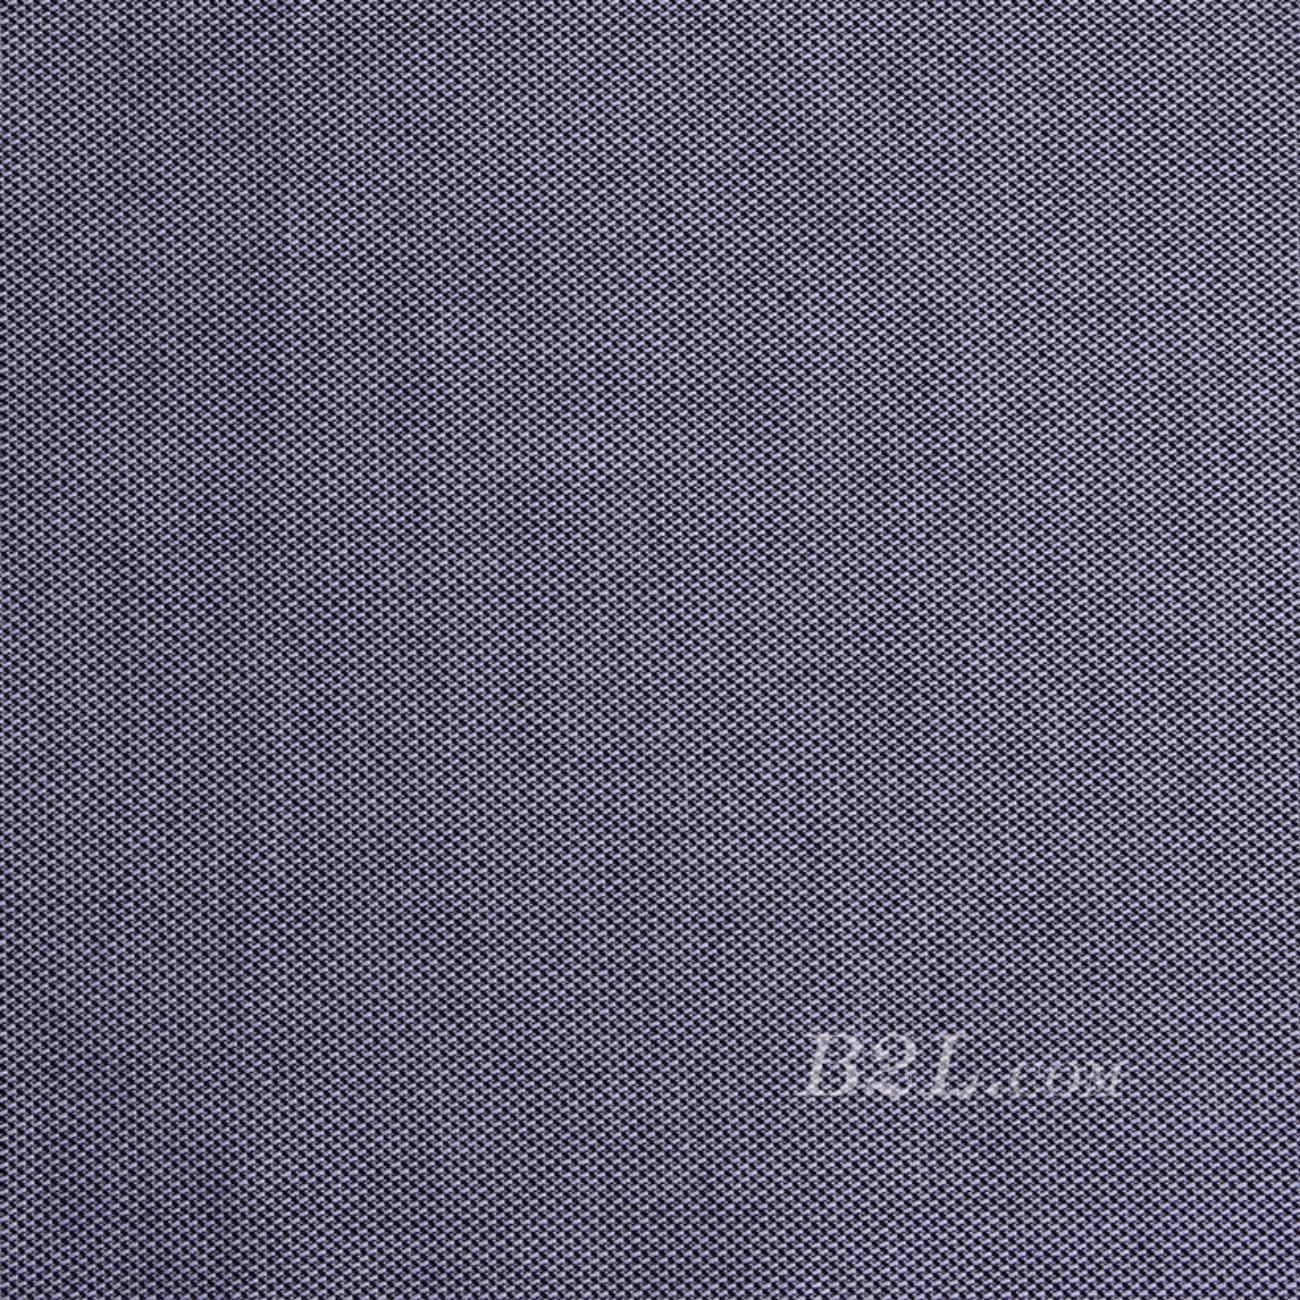 现货素色梭织色织提花低弹休闲时尚风格 衬衫 连衣裙 短裙 棉感 60929-13